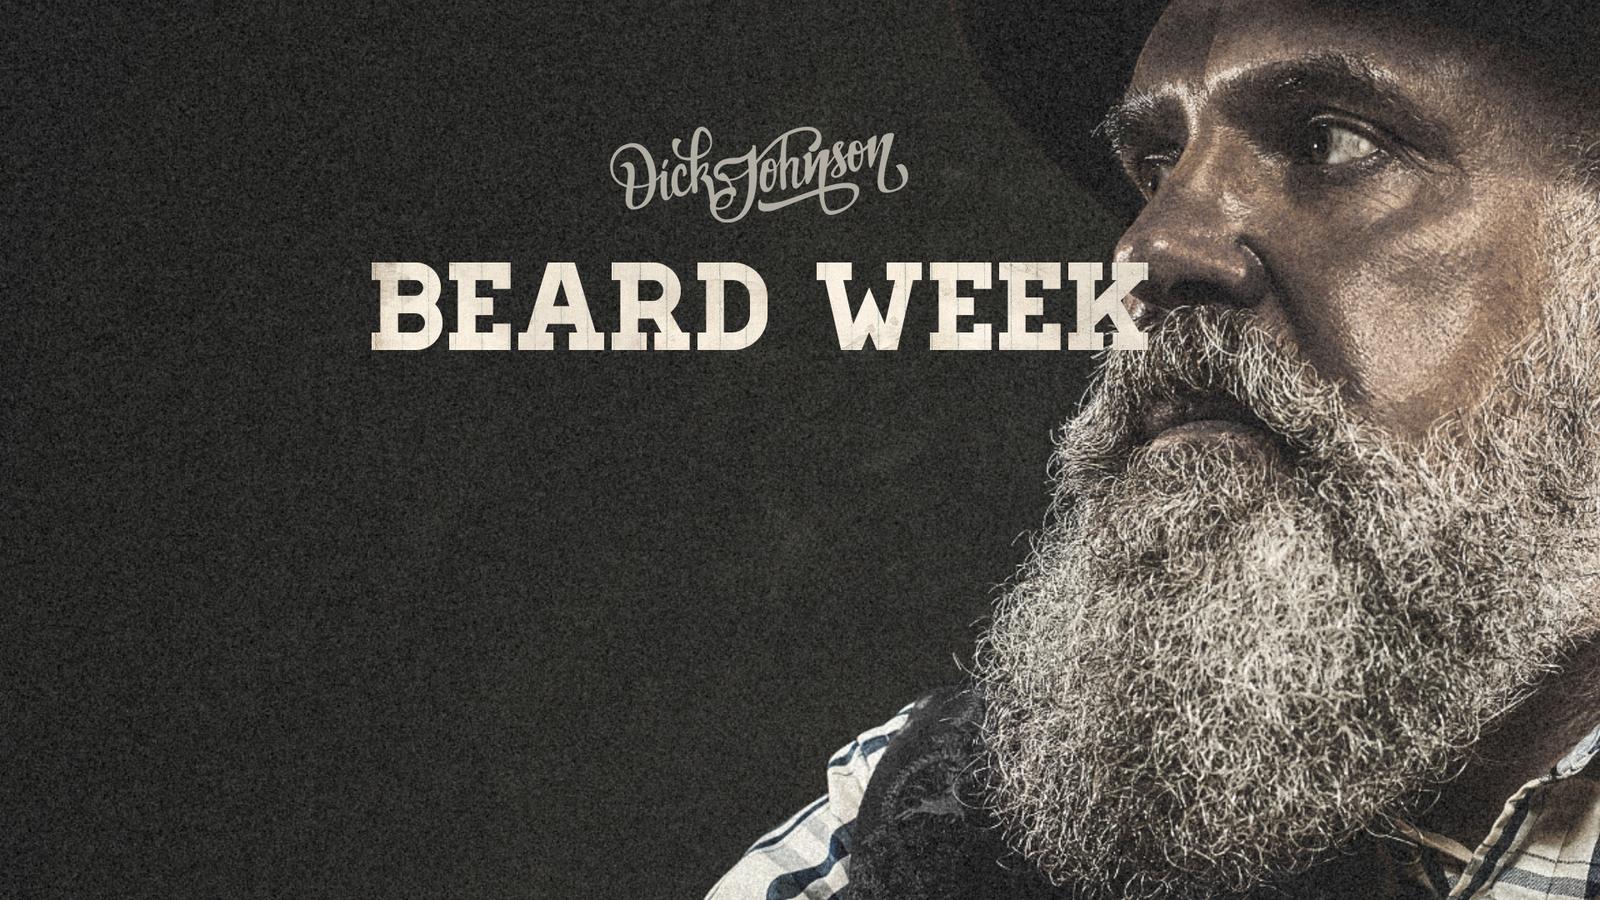 25% + 15% auf alle Bartprodukte bei Dick Johnson (inkl. SNAKE OIL - Bartöl)